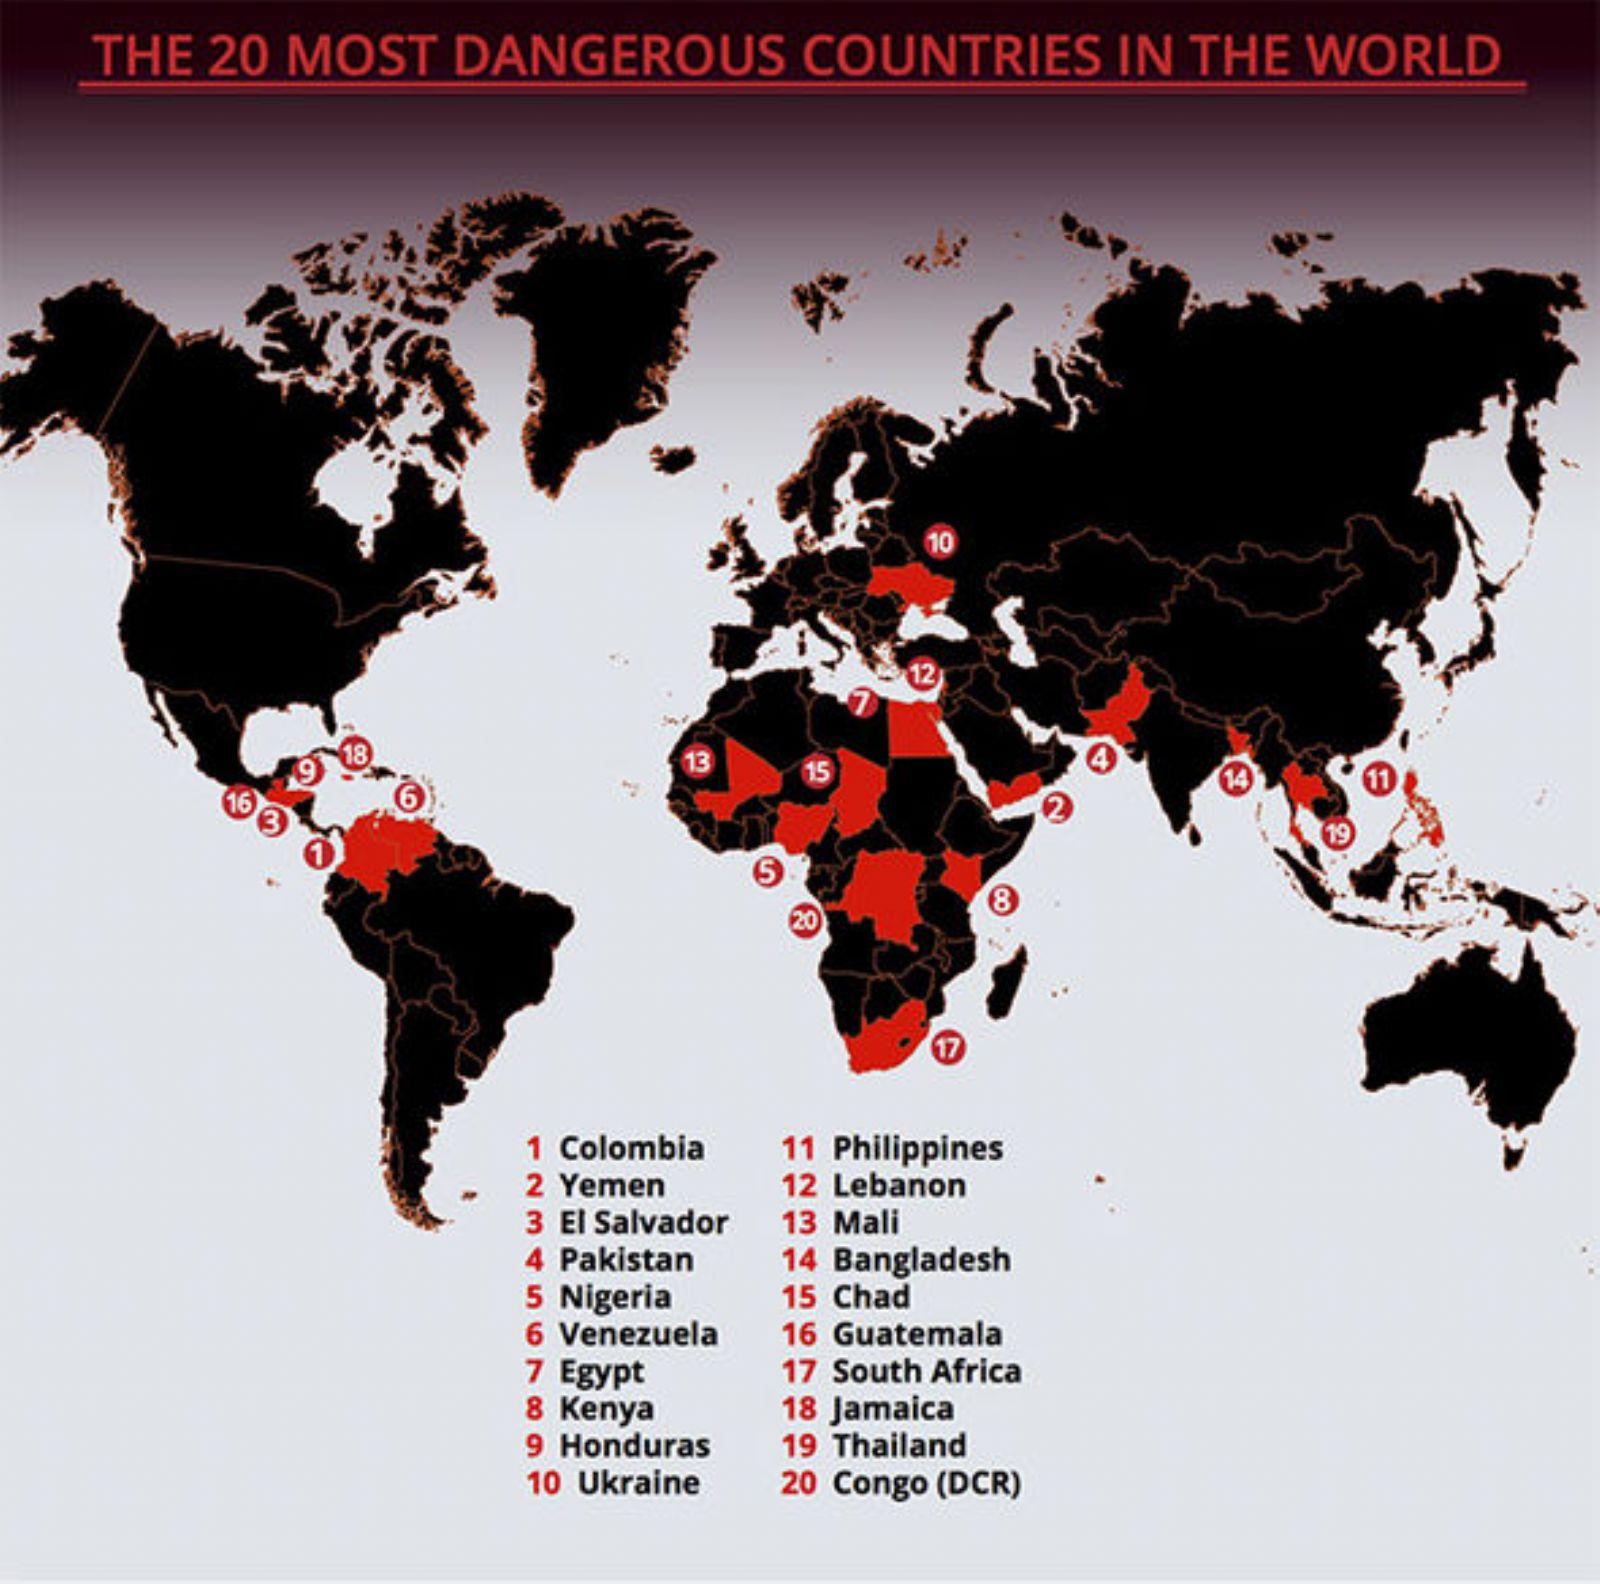 3 دول عربية في قائمة أخطر 20 بلداً في العالم - راديو بانوراما